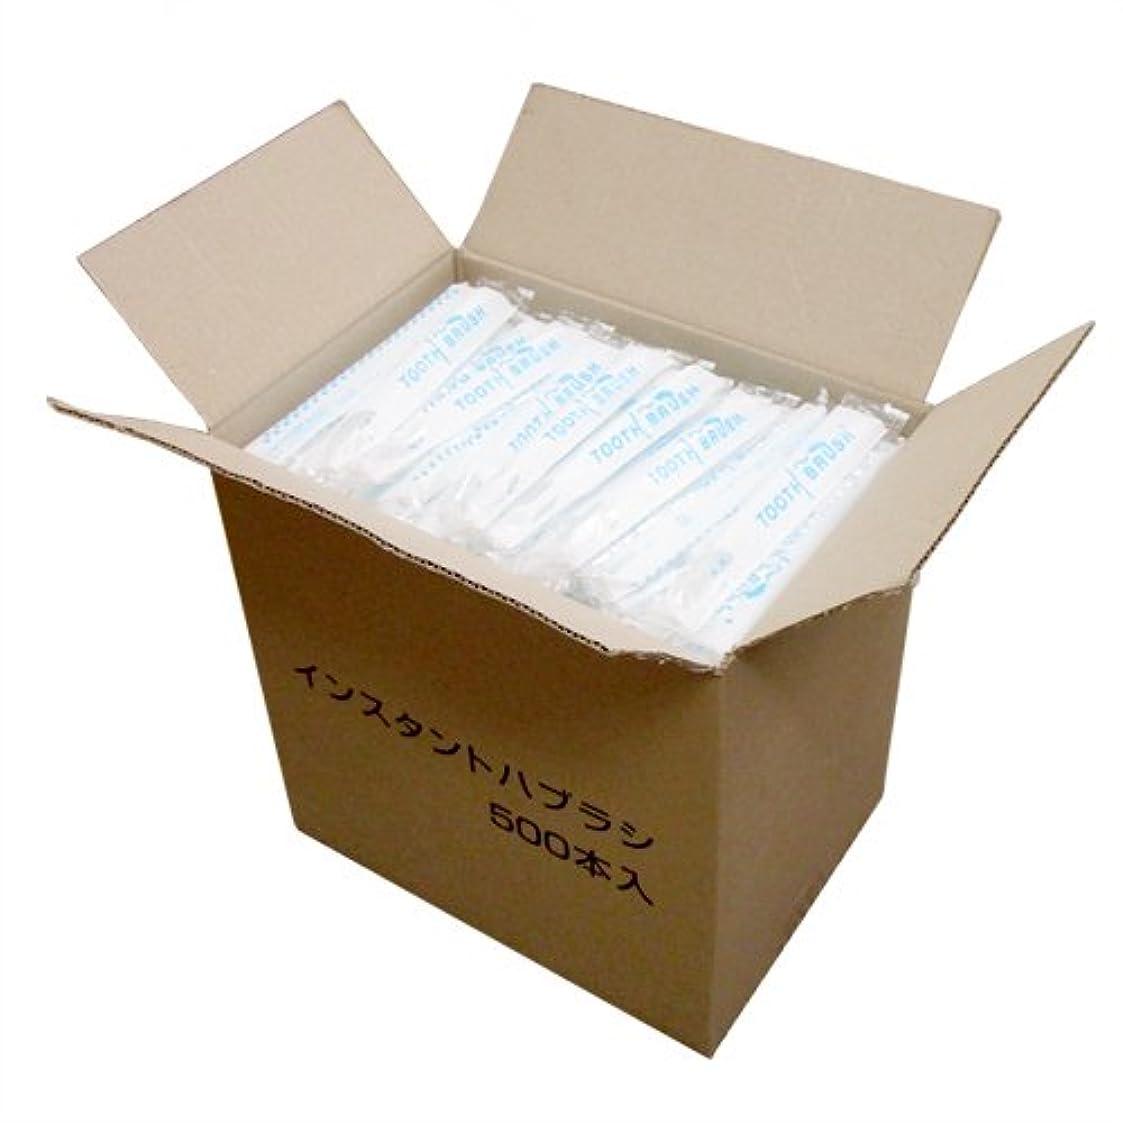 初期の体操選手熱心な業務用 日本製 使い捨て粉付き歯ブラシ 個包装タイプ 500本入×8箱 (4000本入)│ホテルアメニティ